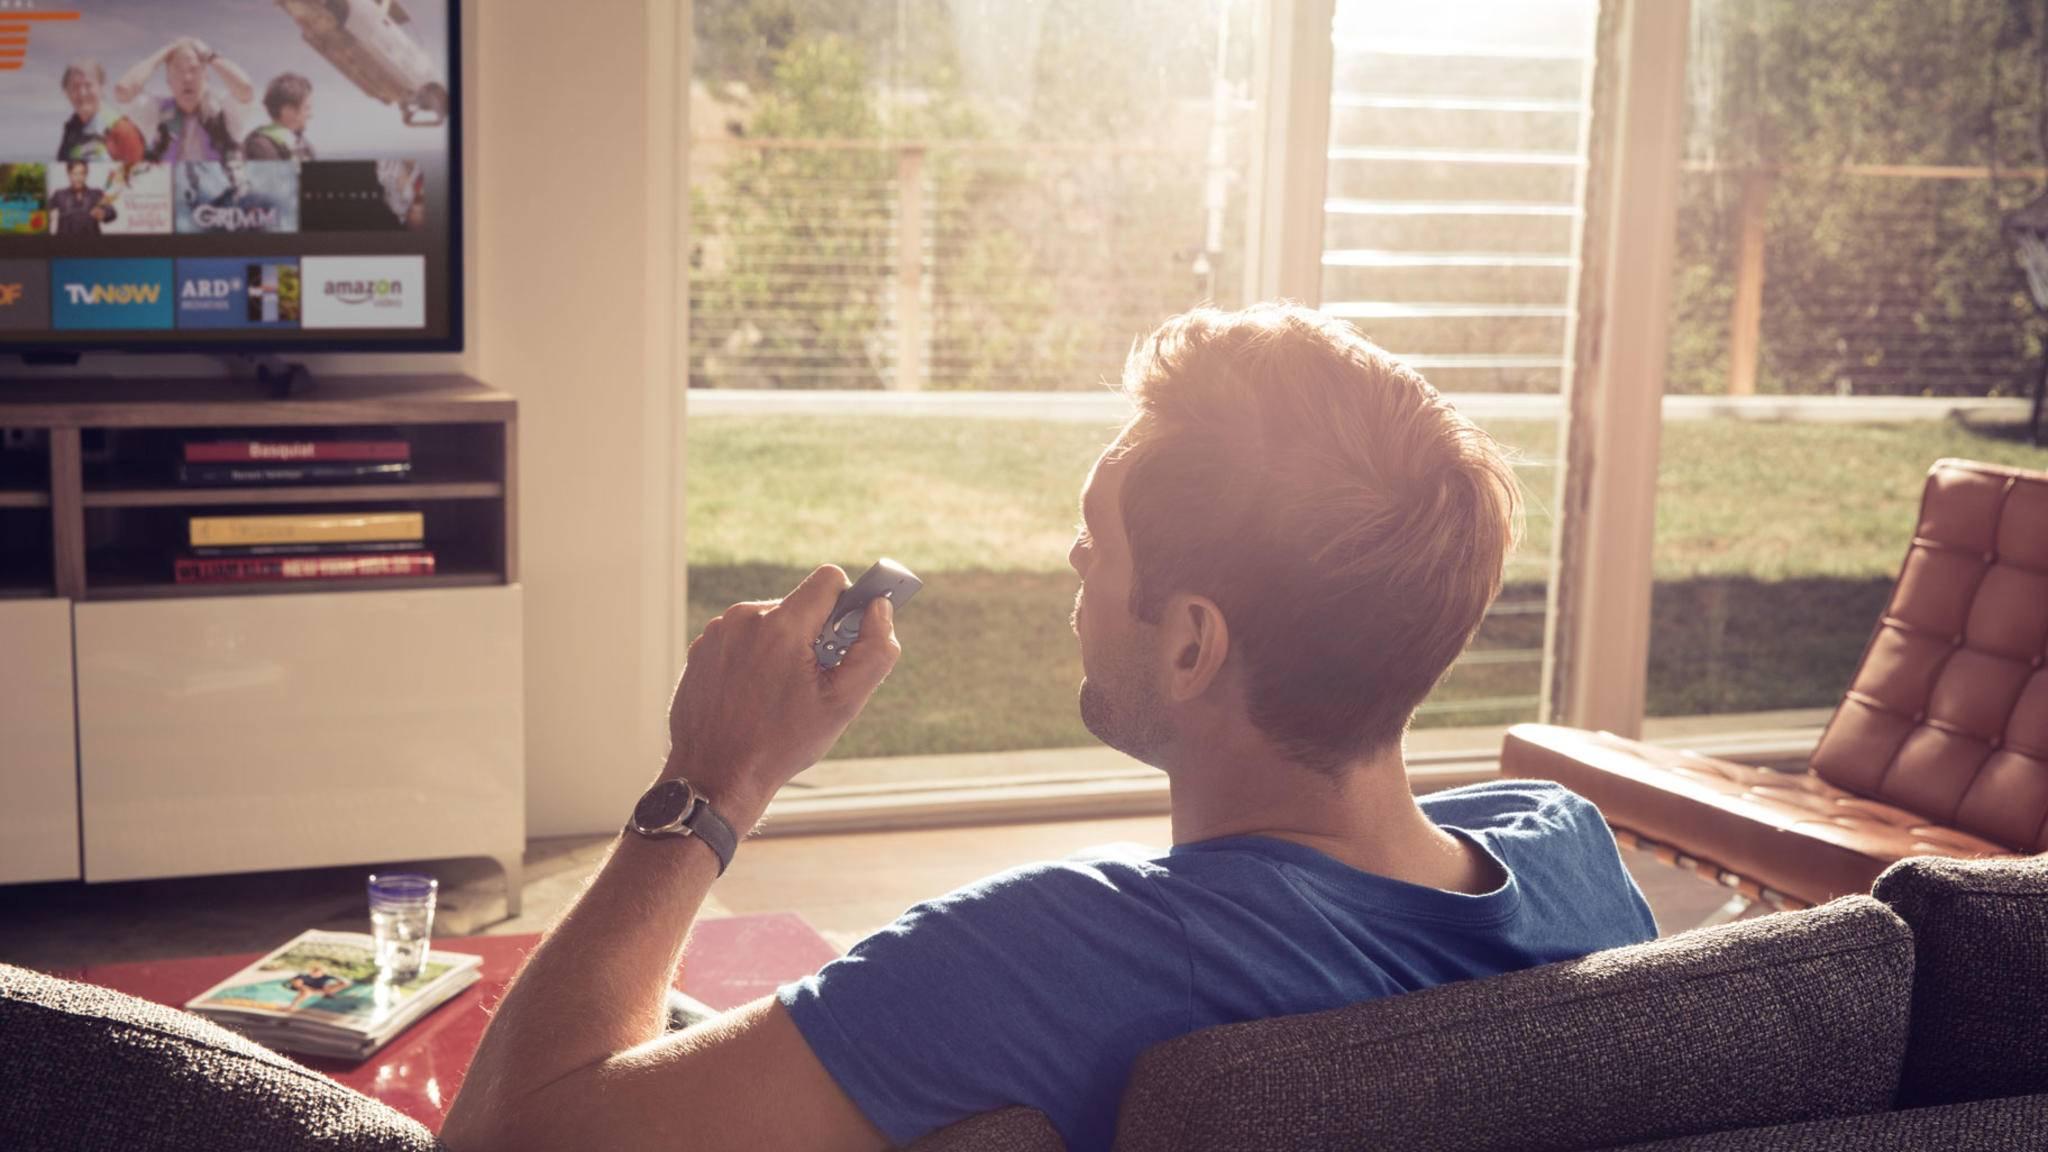 Wir geben ein paar Tipps, wenn Dein Amazon Fire TV Stick langsam ist.